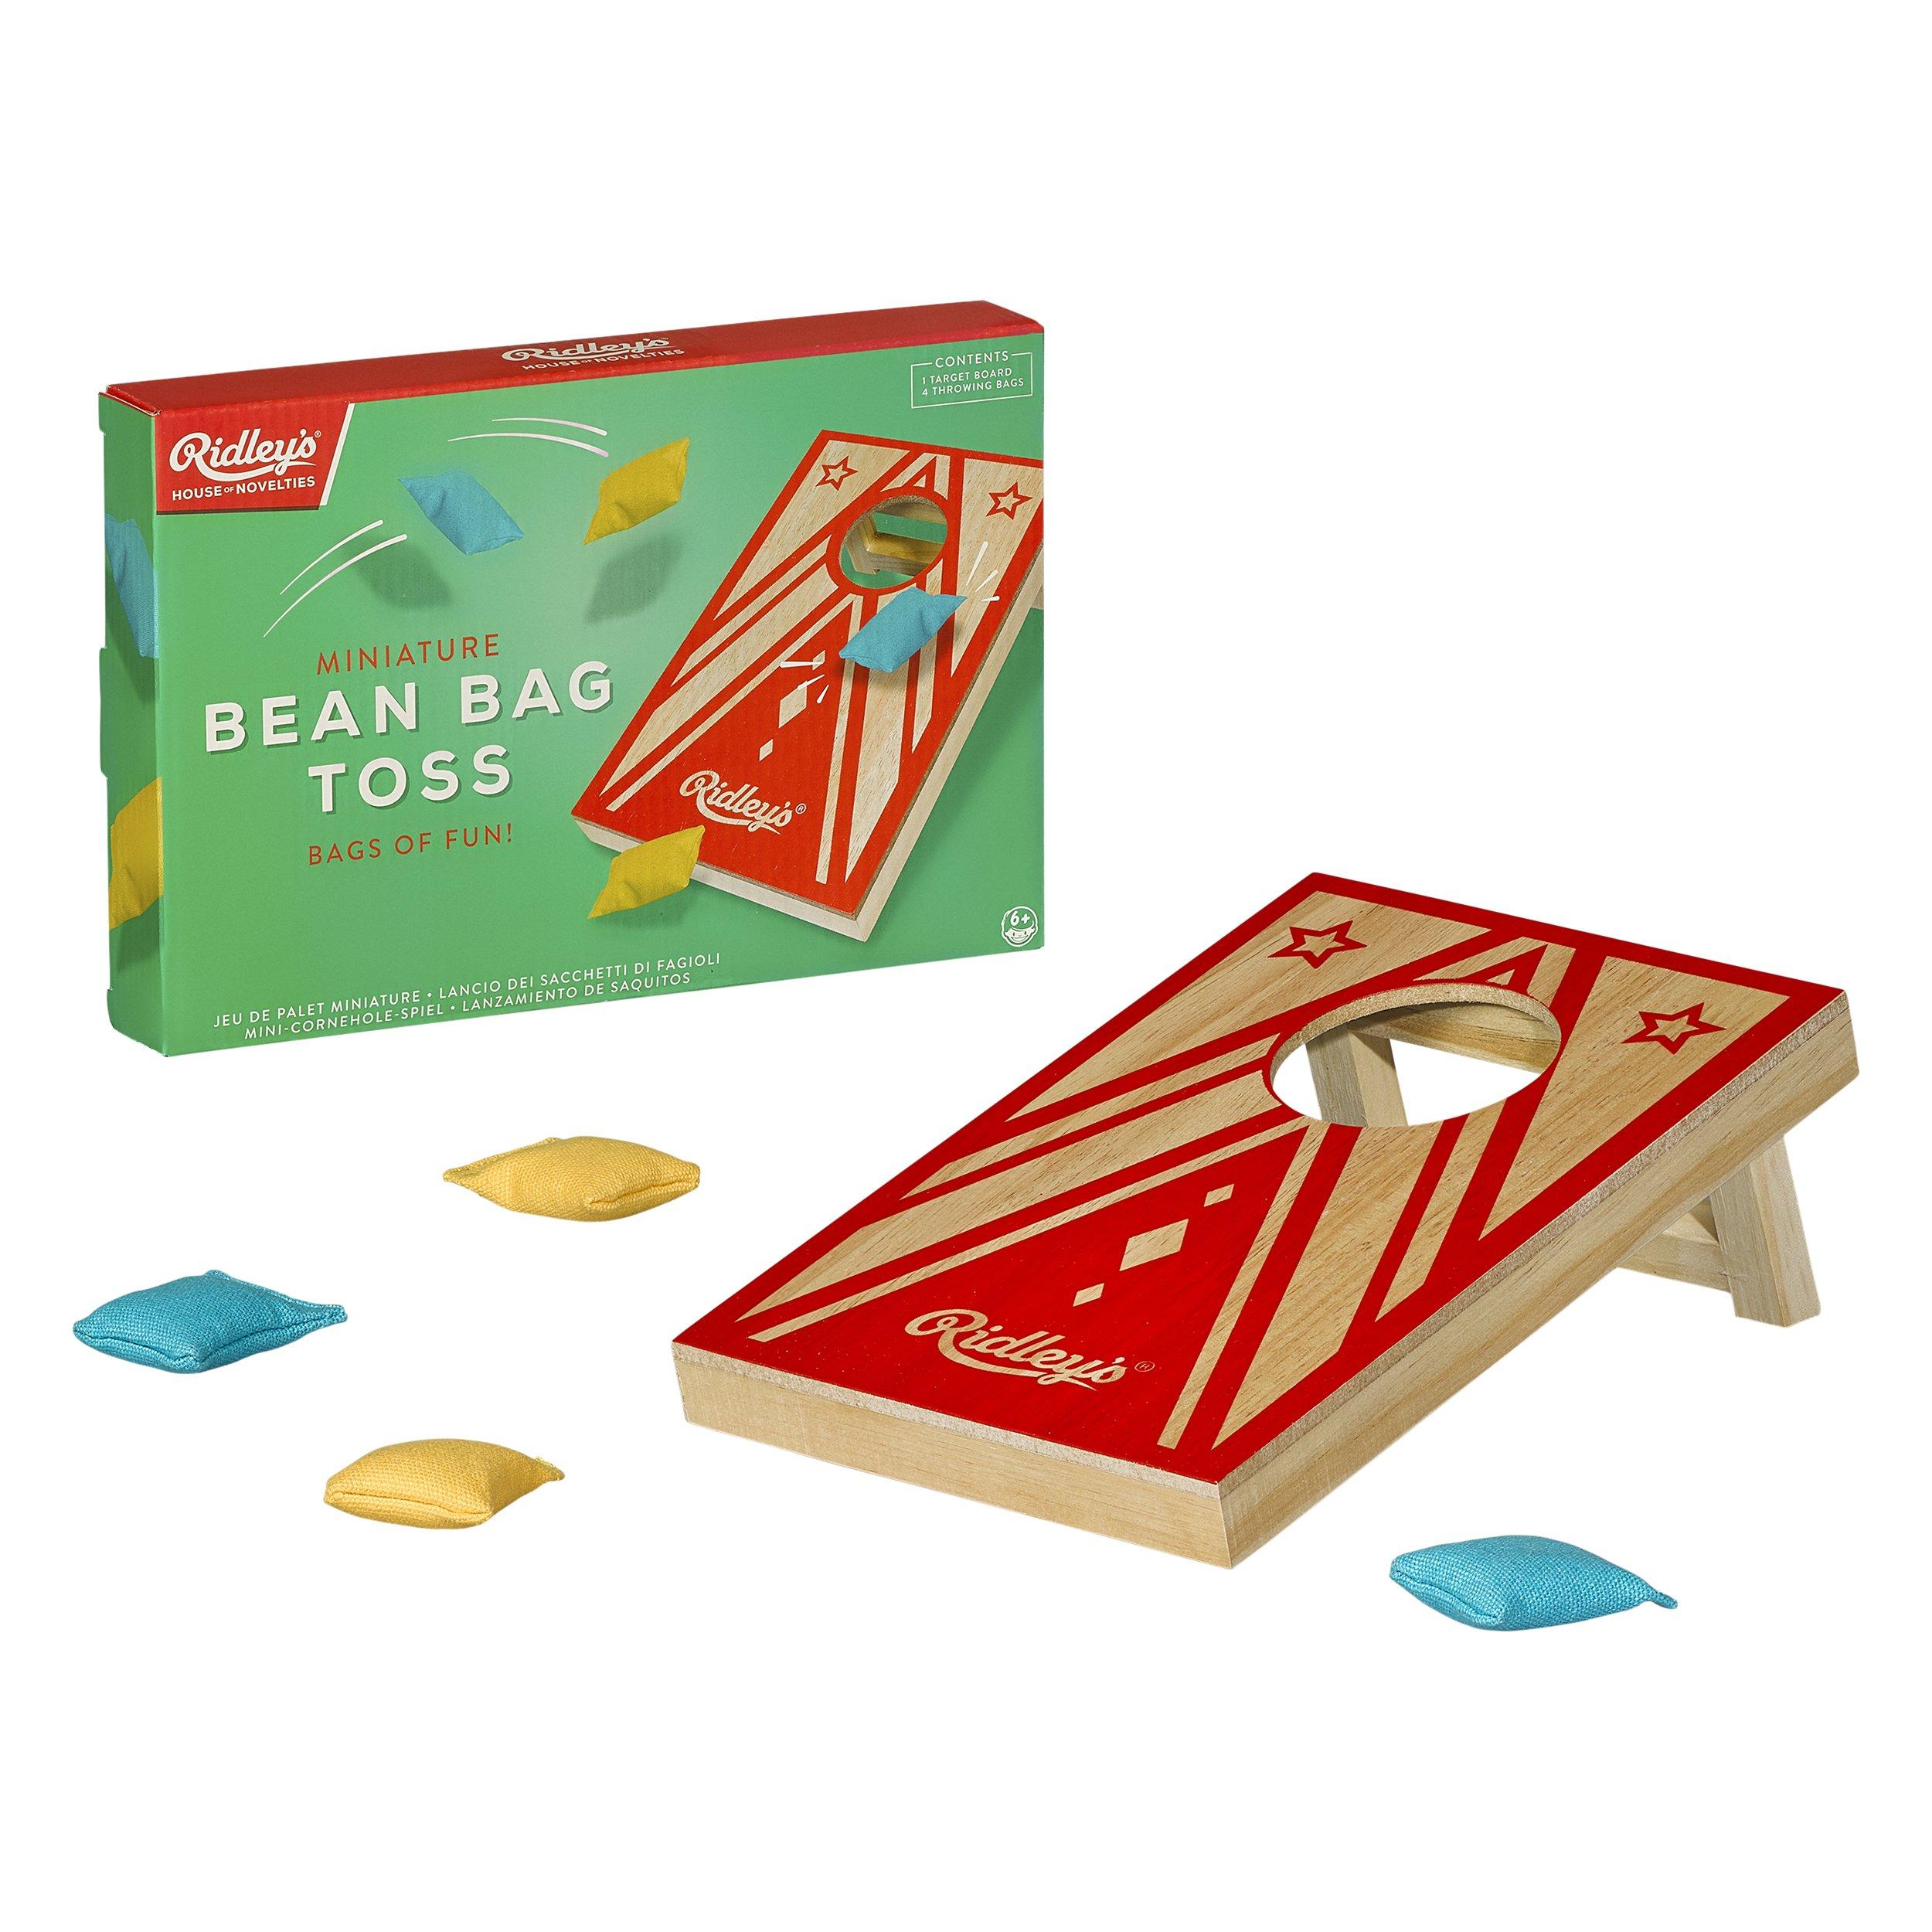 Ridley's House Novelties Bean Bag Toss, Red